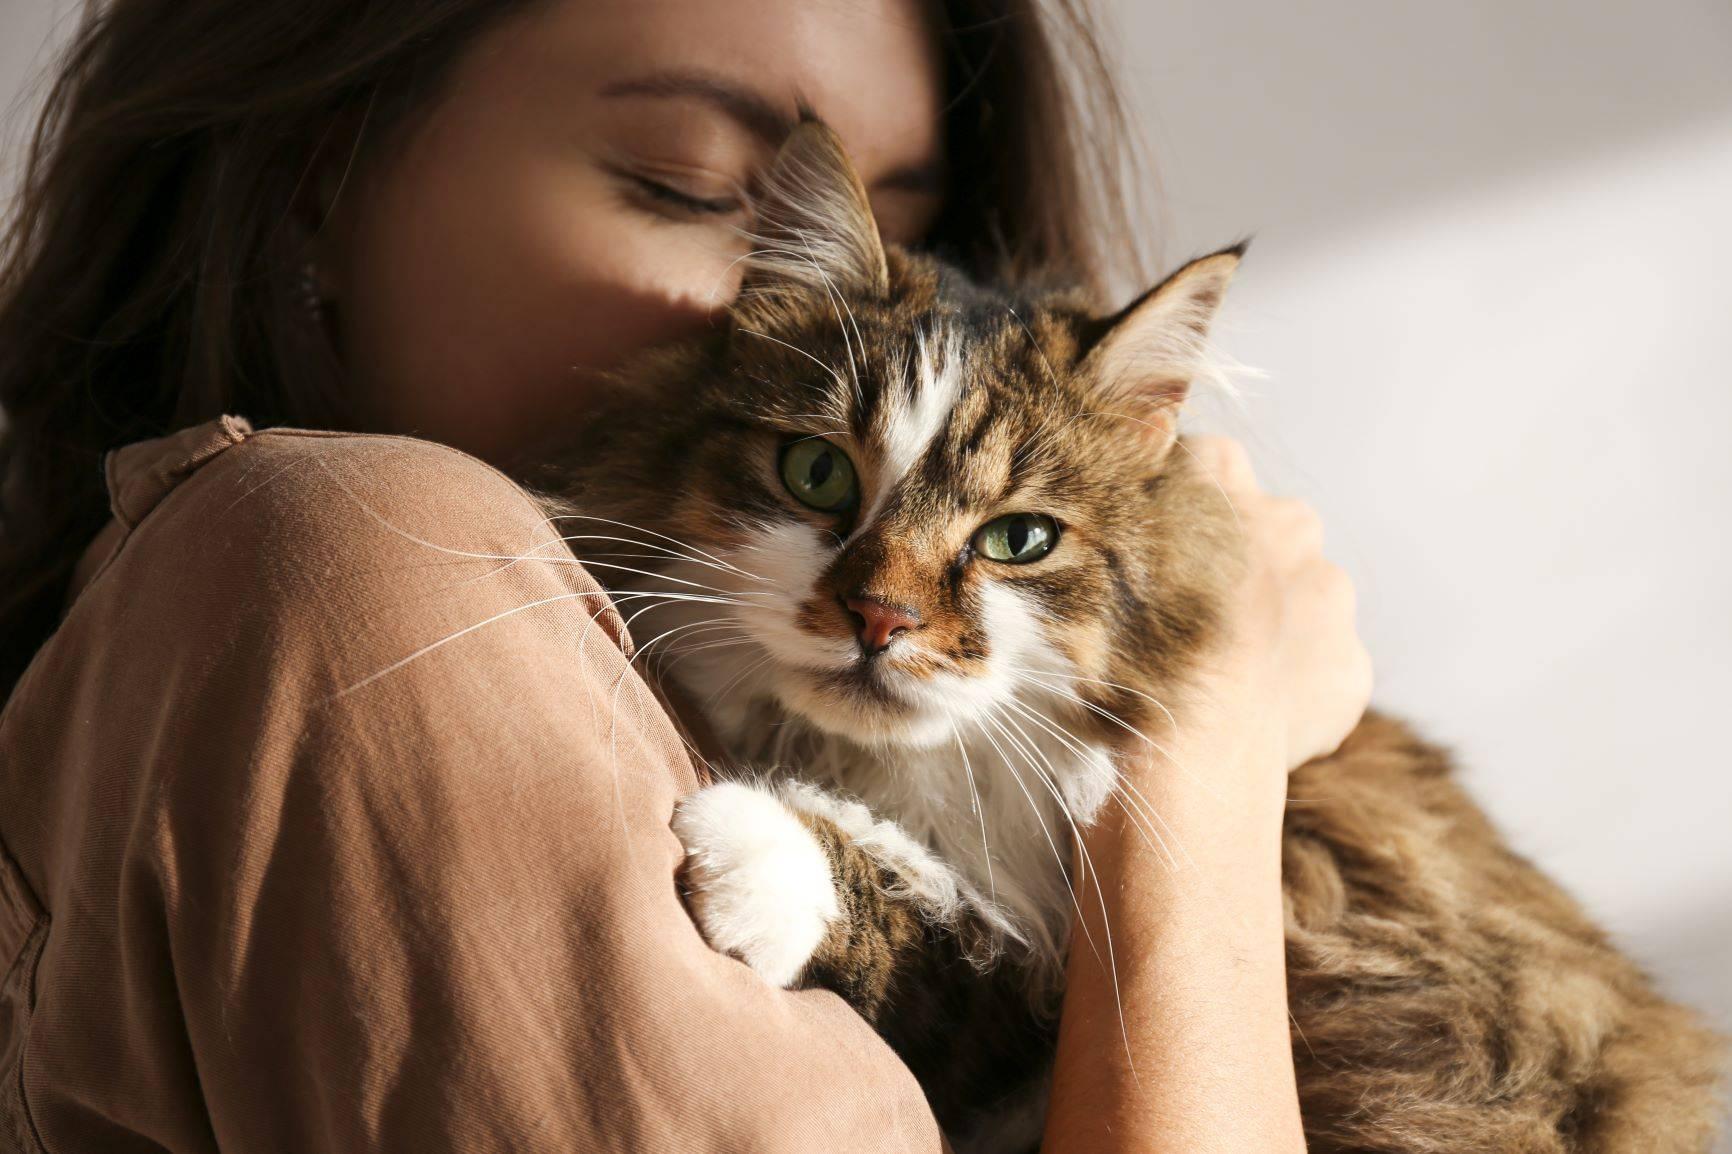 Przytualnie kota niweluje stres - na czym polega felinoterapia? Kobieta przytula puchatego kota.